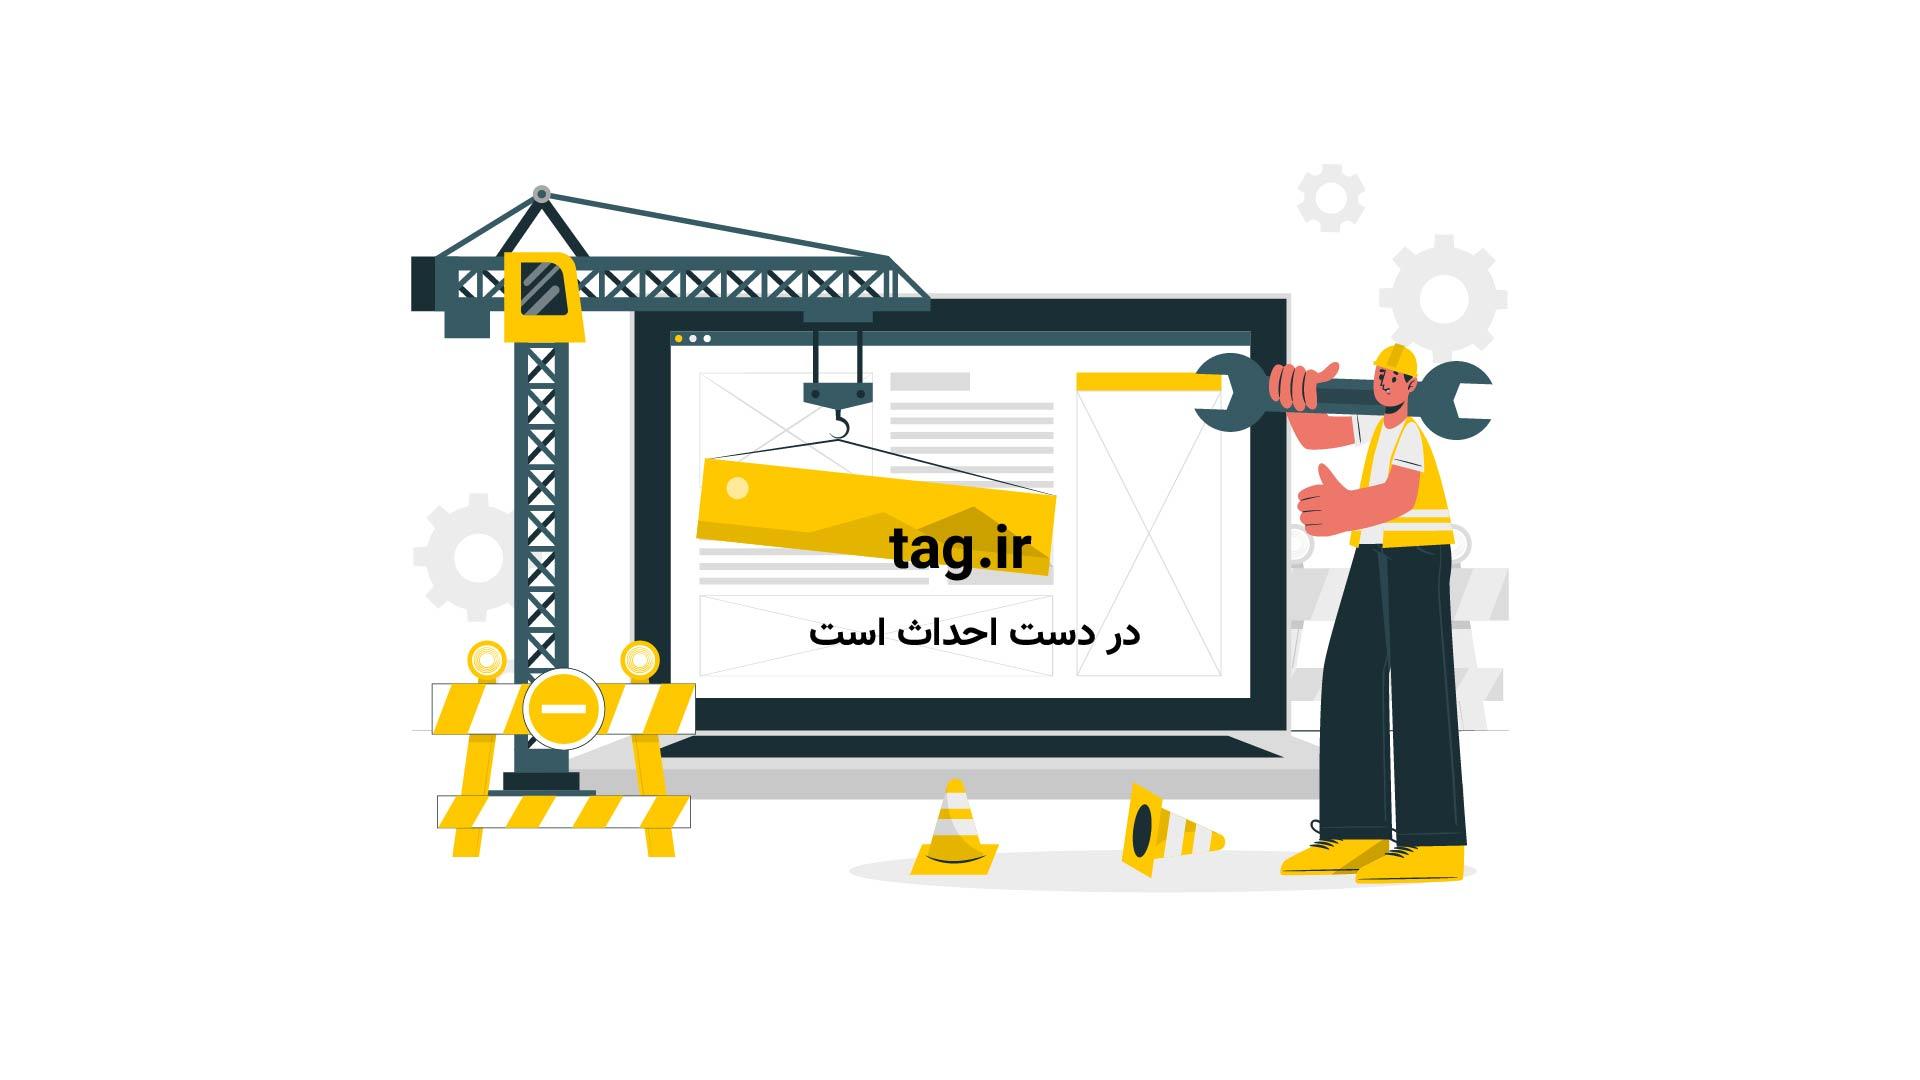 سخنرانی های تد؛ هوش مصنوعی انسانی |فیلم